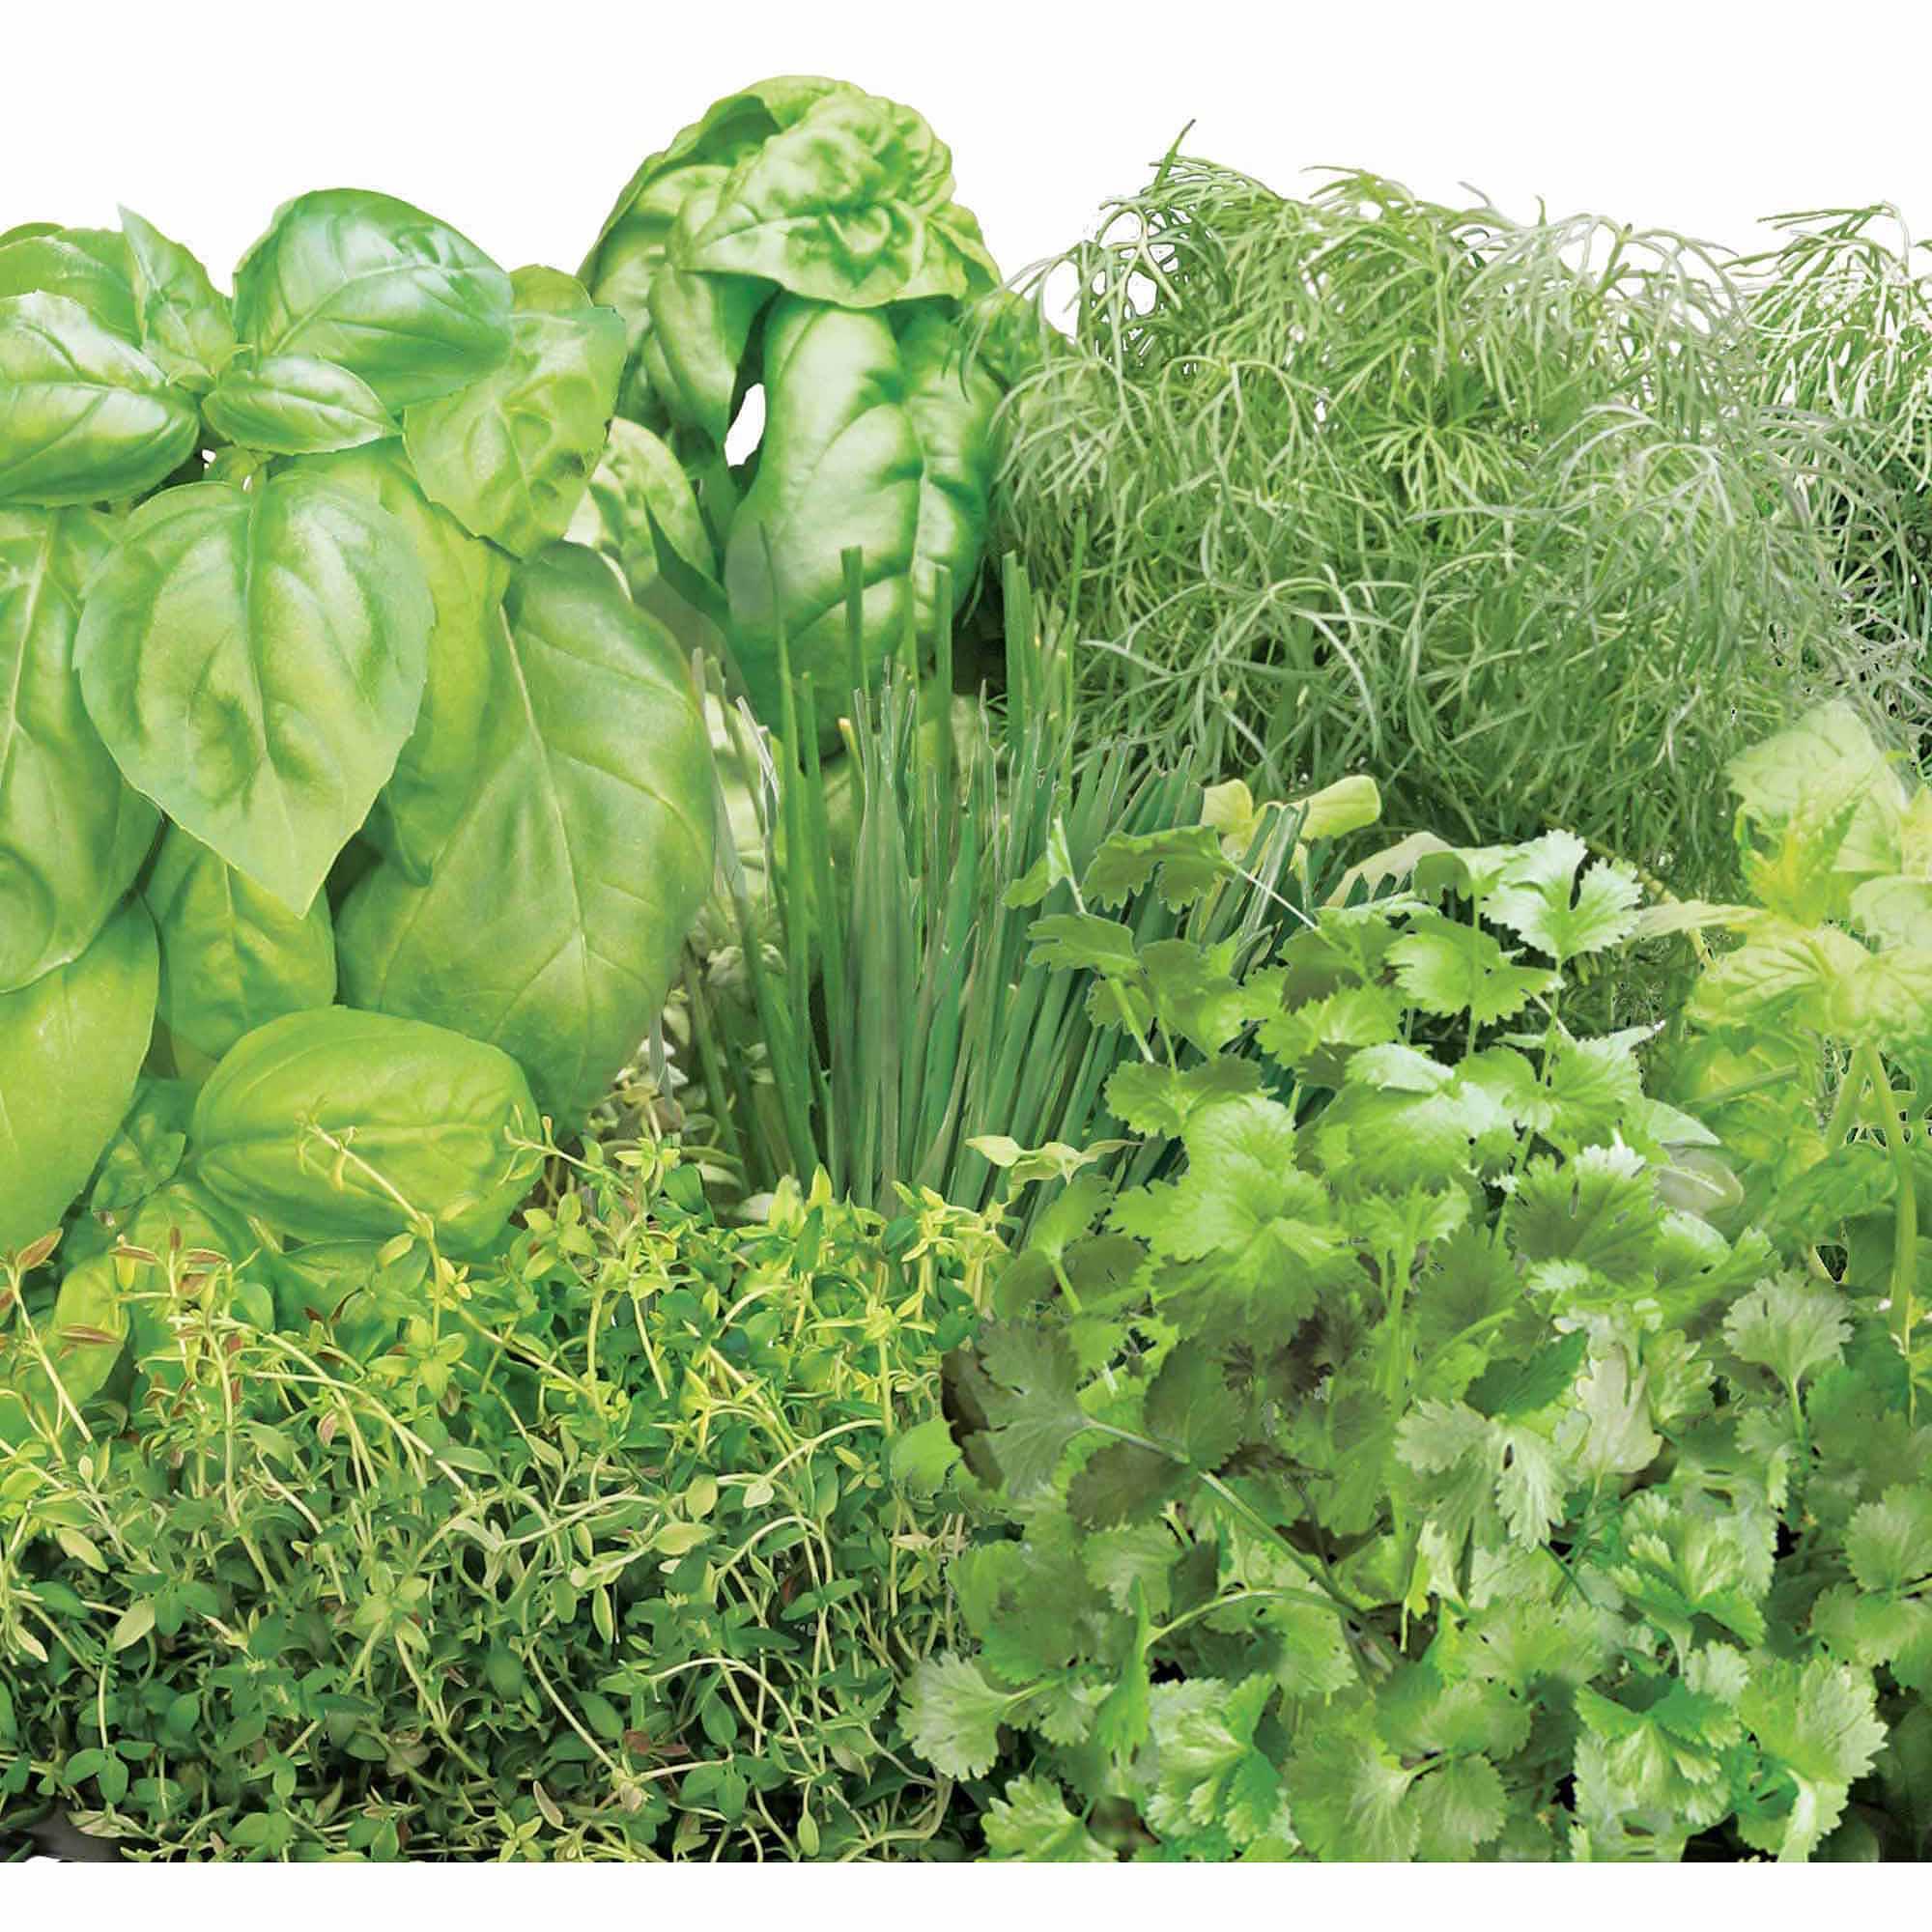 Miracle-Gro AeroGarden Gourmet Herb 7-Pod Seed Kit